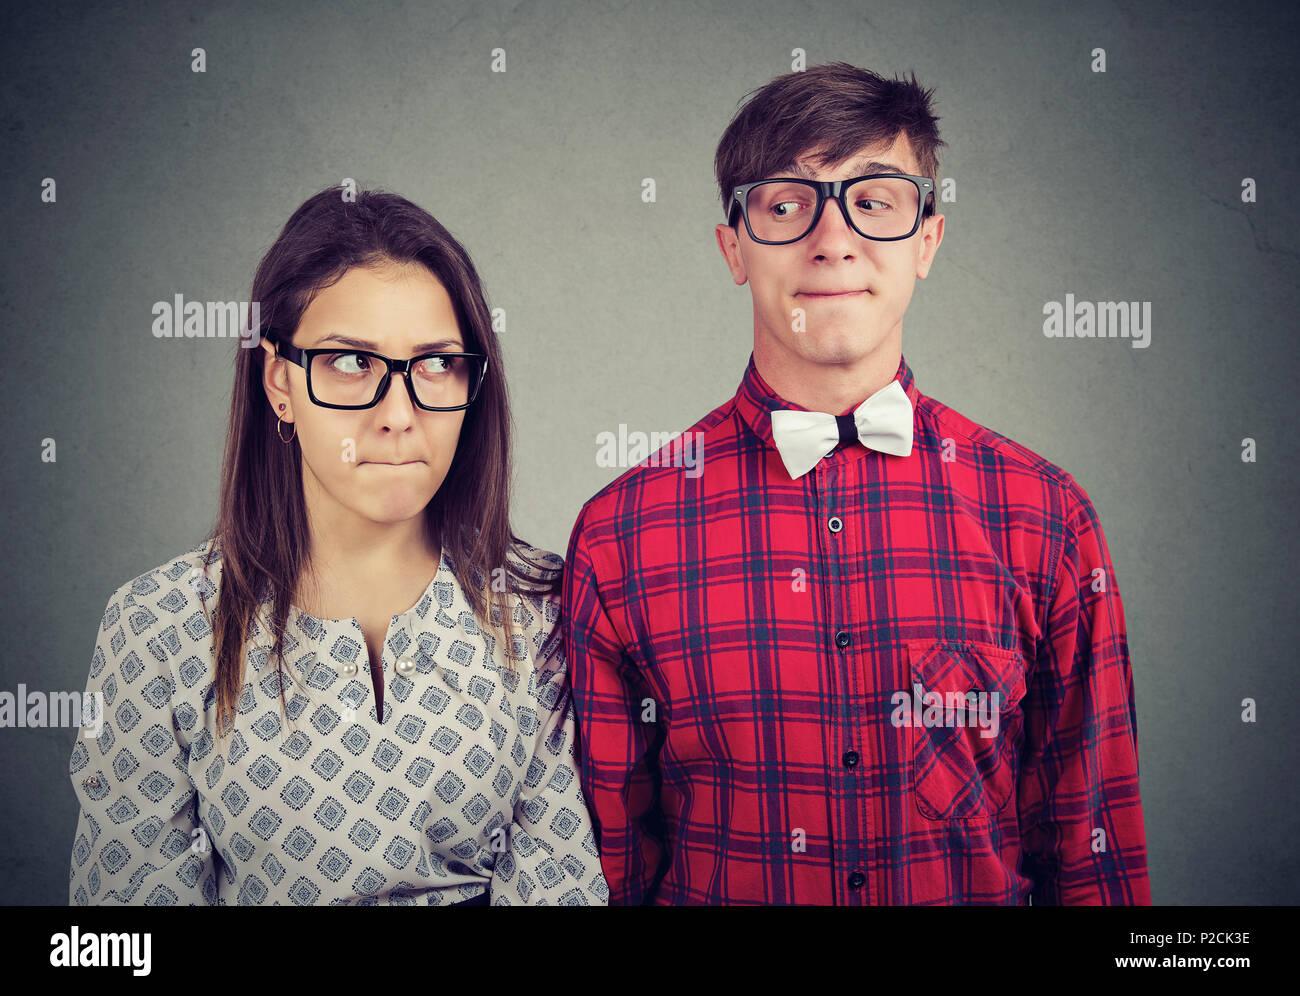 Jeune homme et femme sur la sensation d'être maladroite en date situation embarrassée Photo Stock